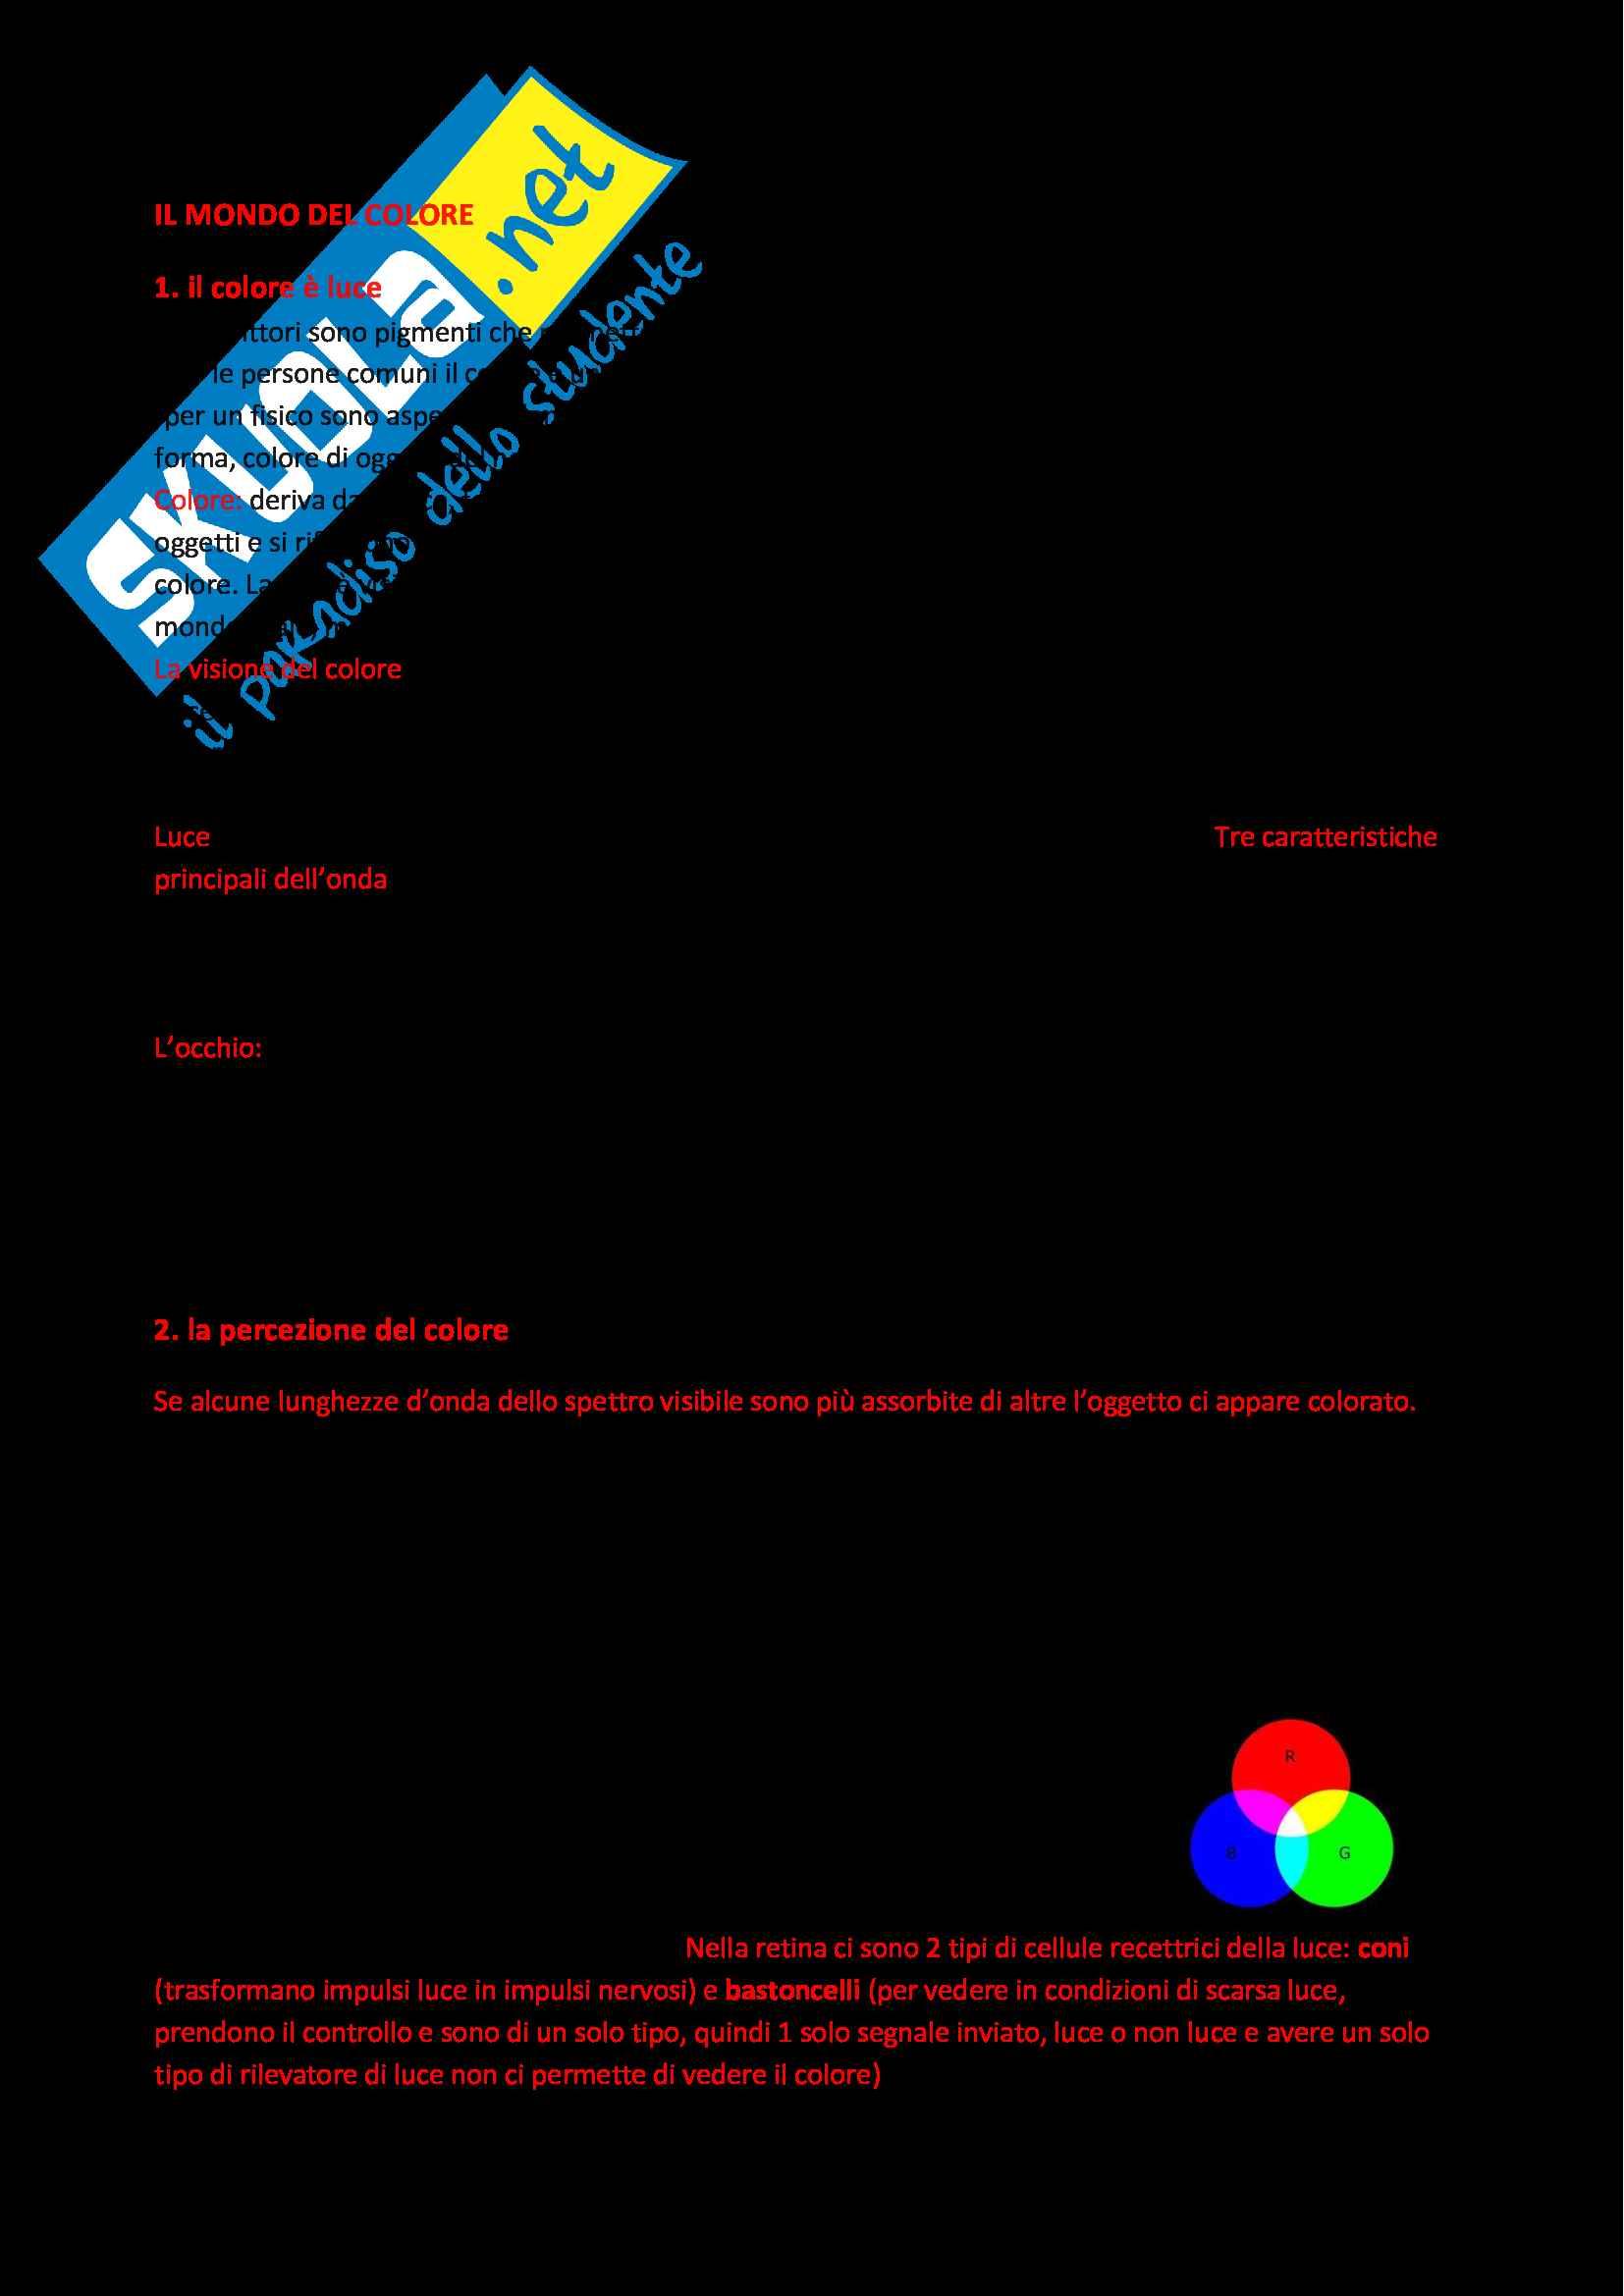 Disegno: il colore, la percezione, teoria tricromatica, contrasti, linguaggio